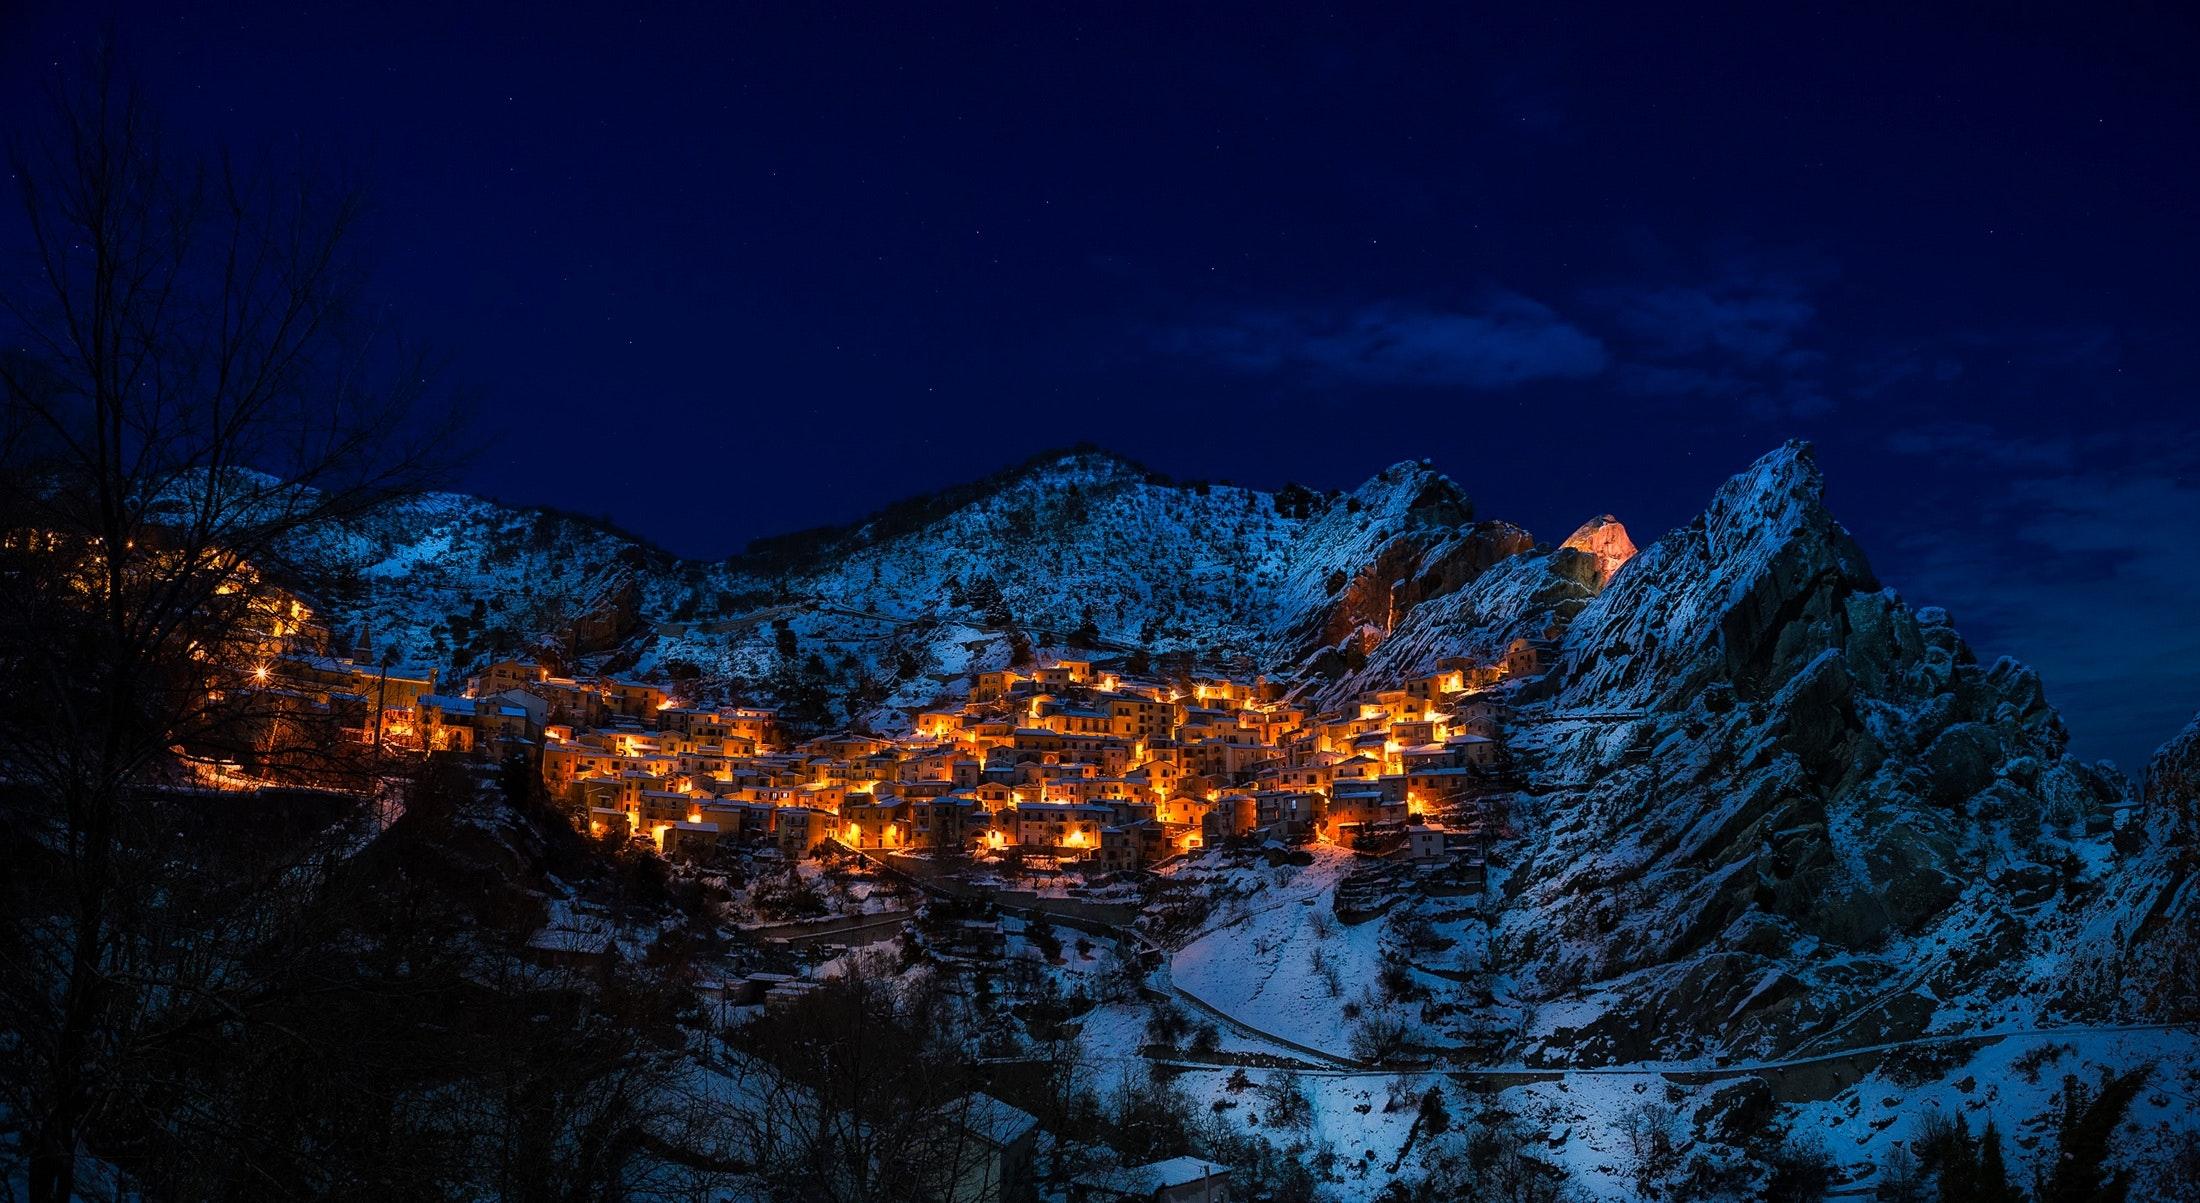 En sikker hvid jul i en skihytte med pejs i bjergene